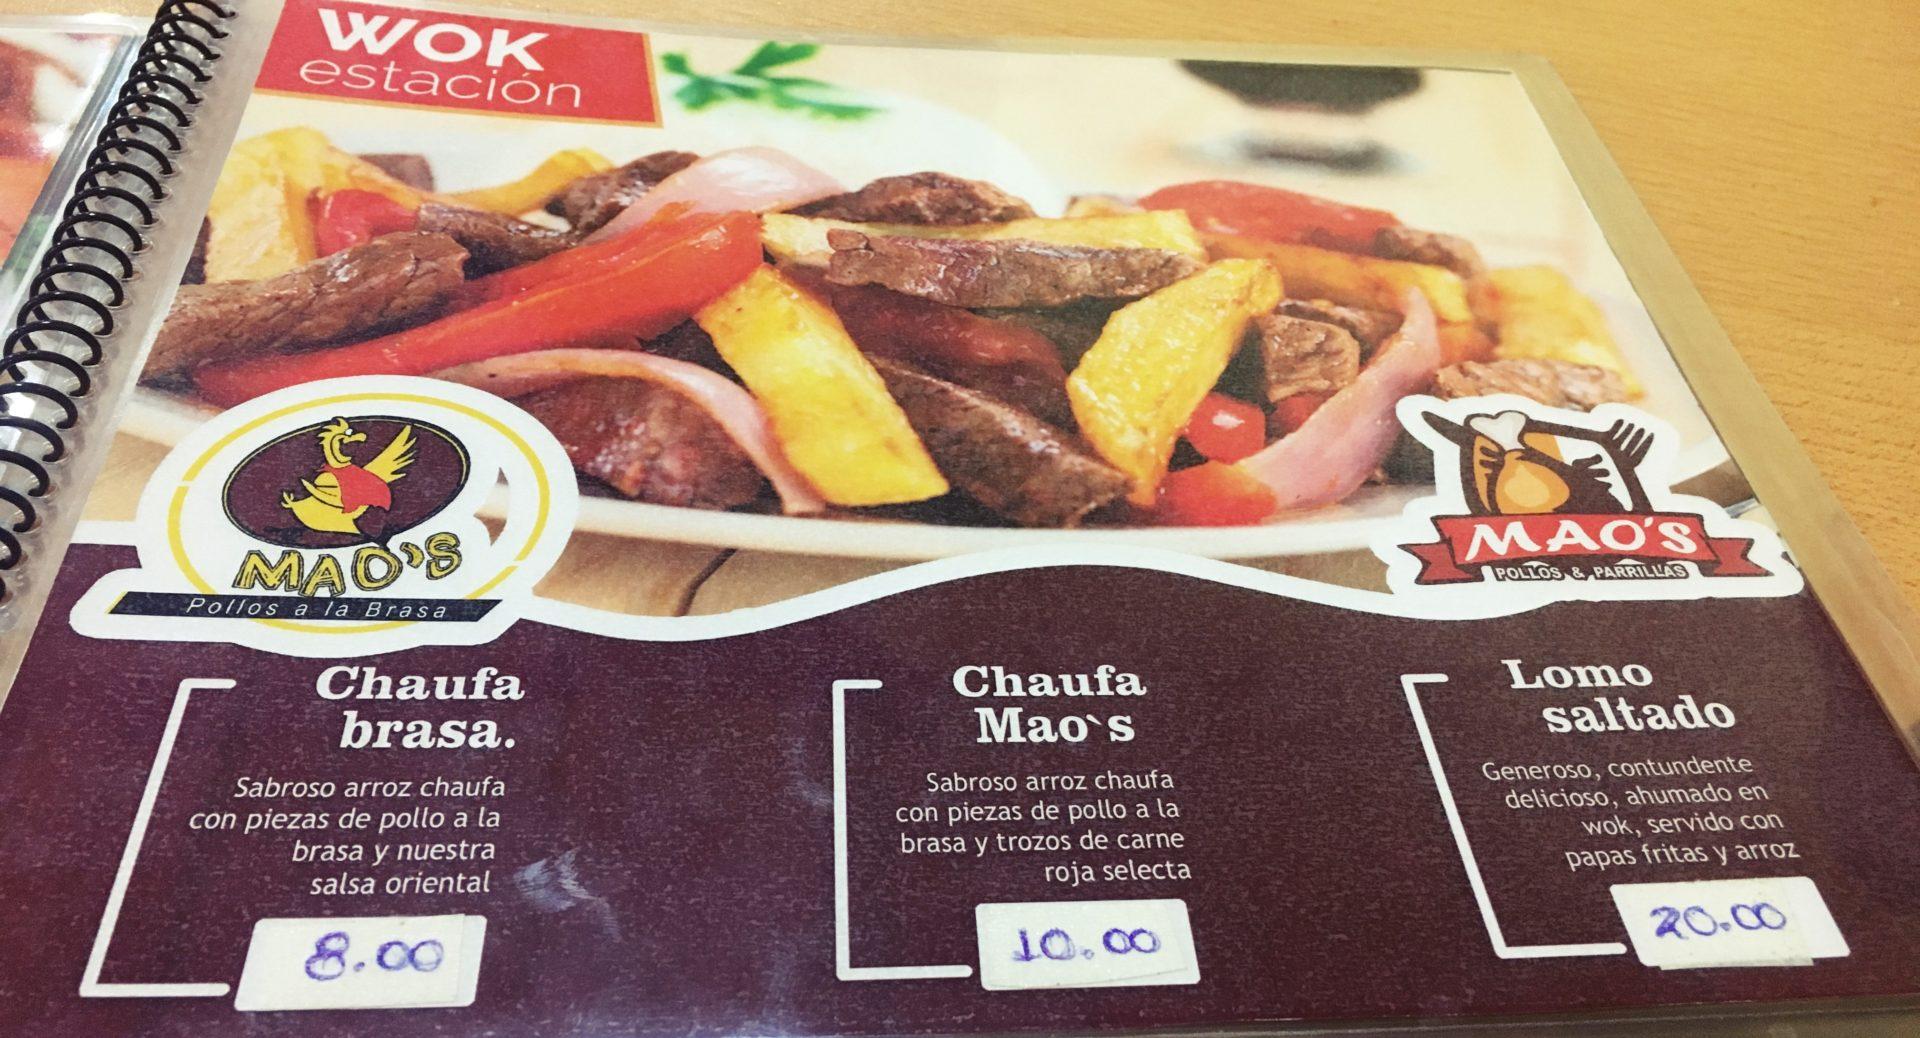 ペルー, クスコ, 肉, ローストチキン, ペルー料理, おいしい, おすすめ, レストラン, MAO'S